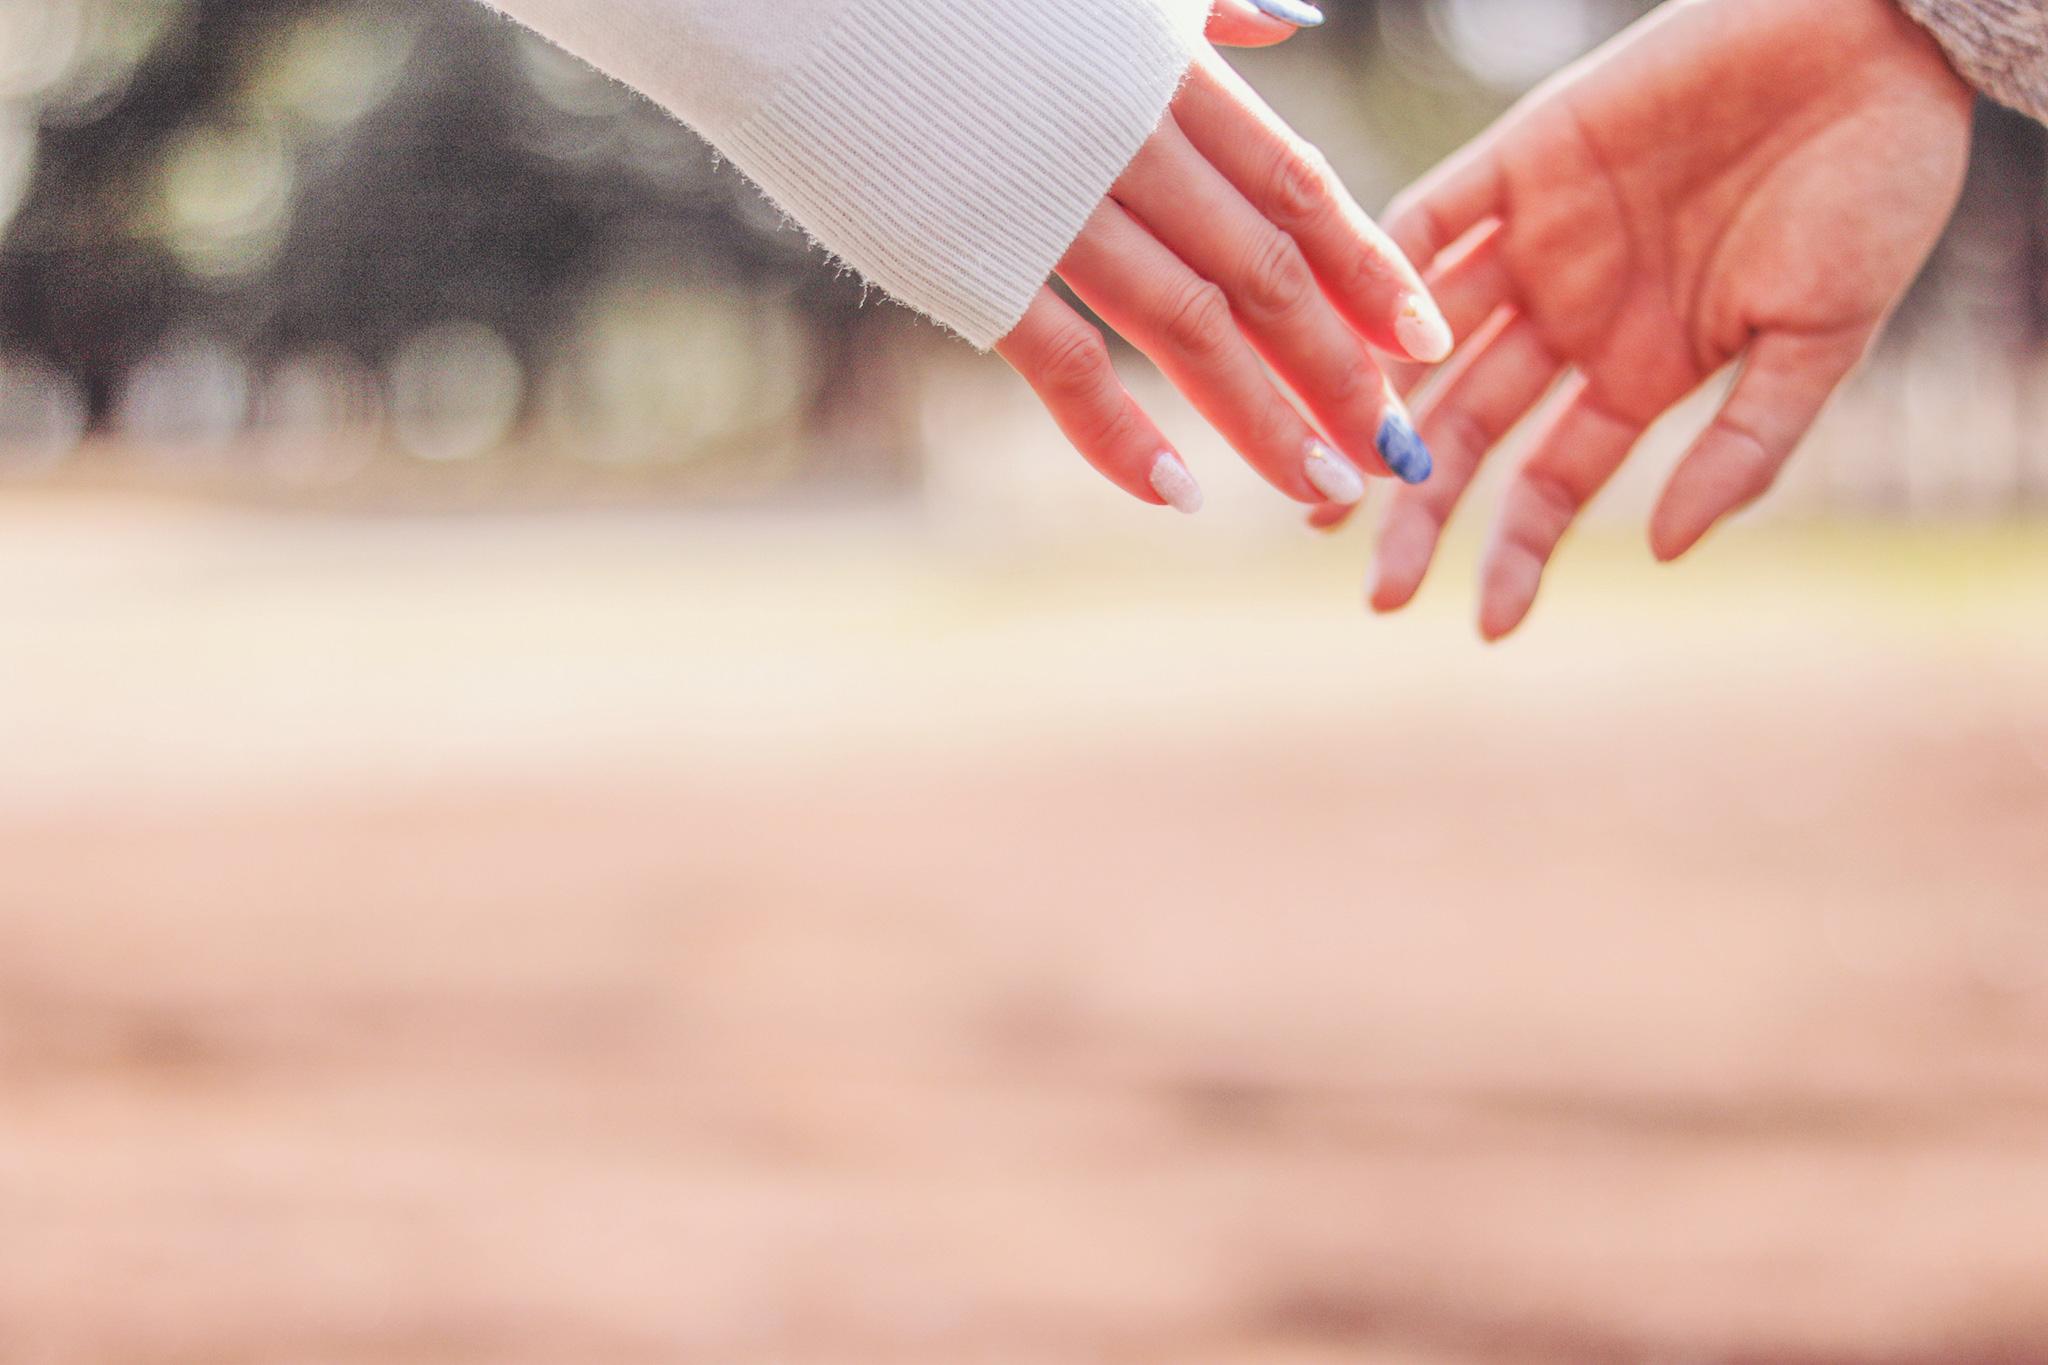 ふとした瞬間に手を握ってくれる